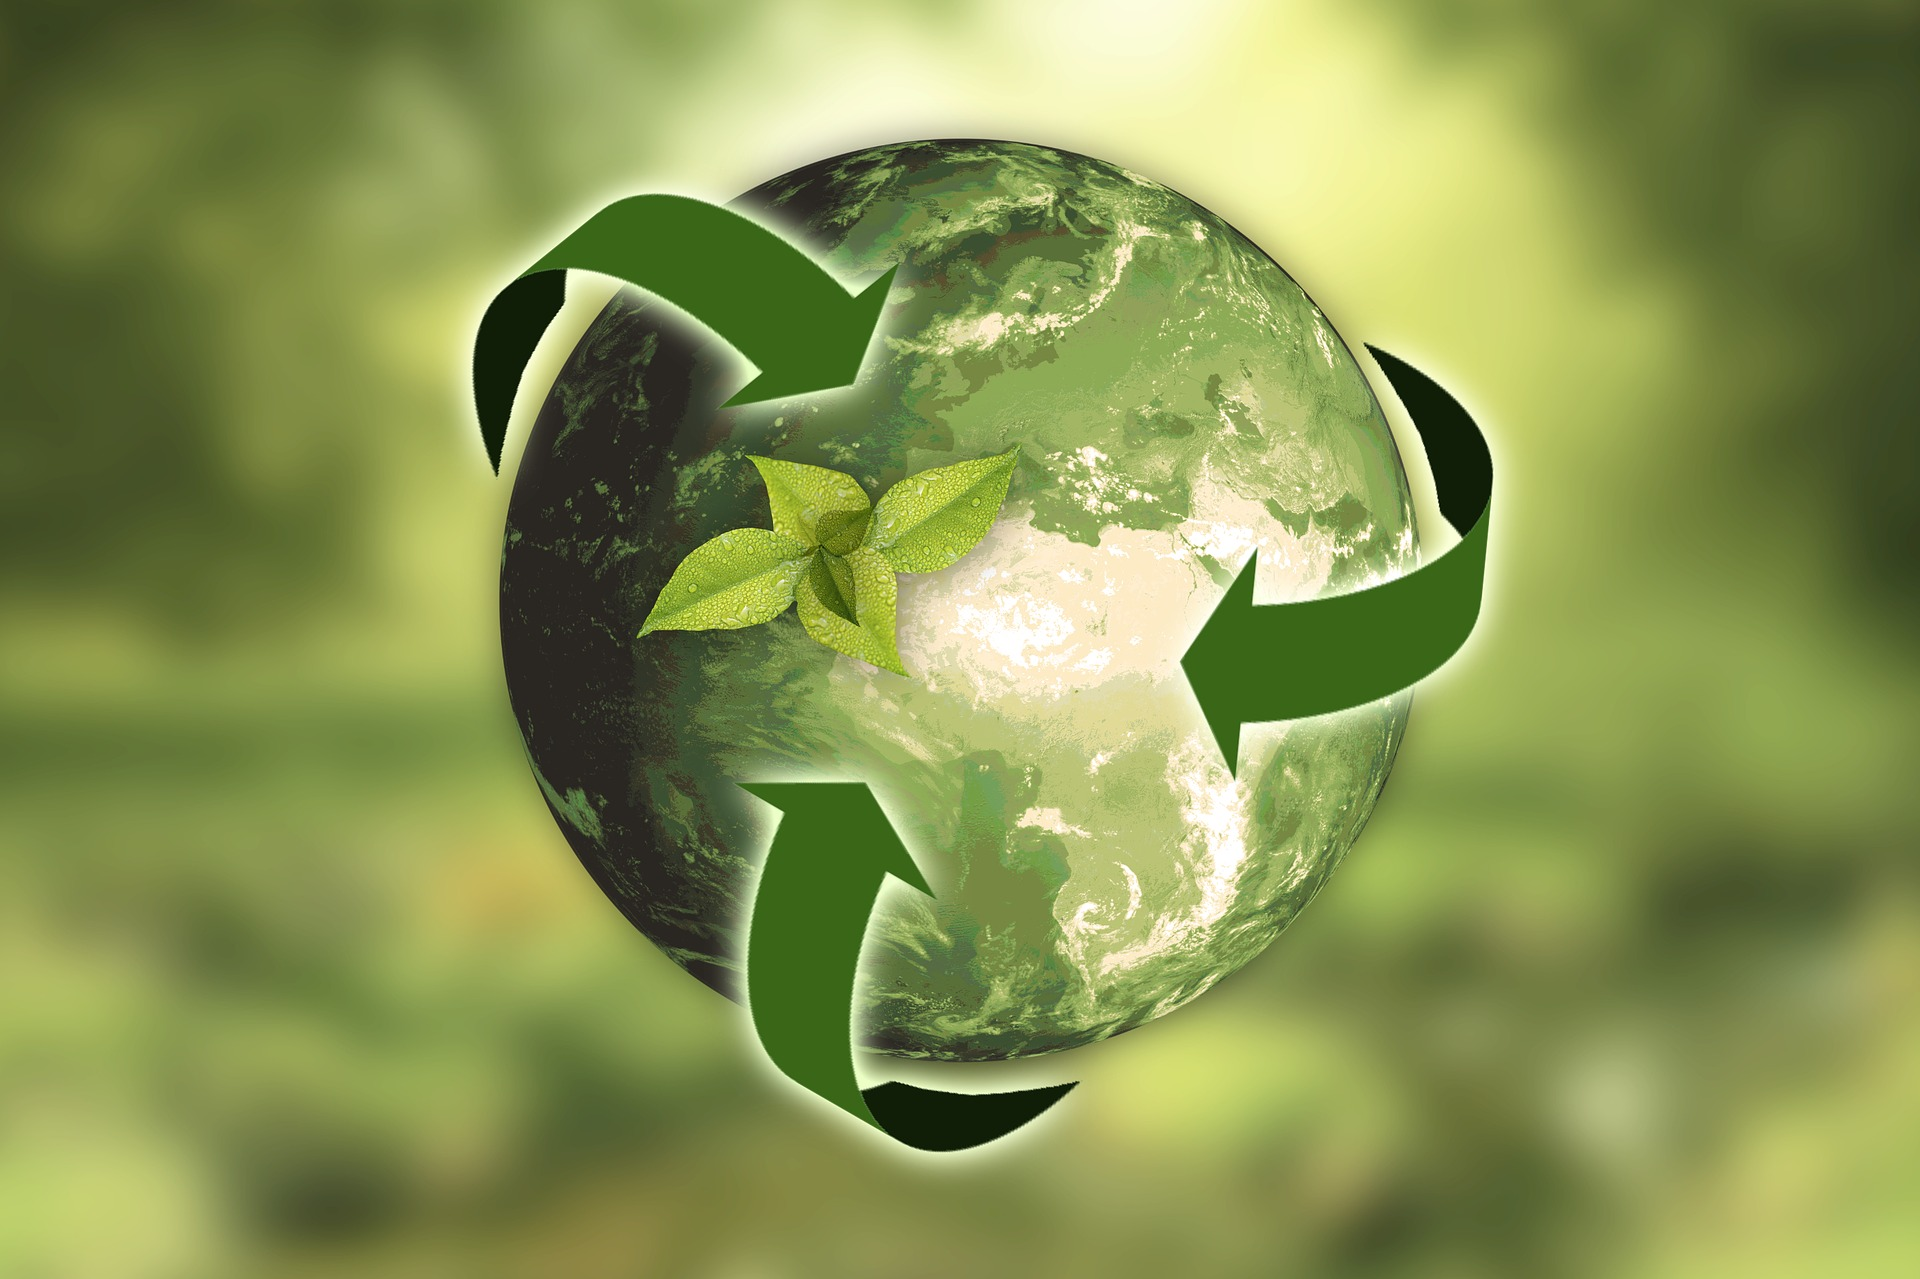 Konkurs ekologiczny Mistrz Recyklingu Maks porządkuje odpady